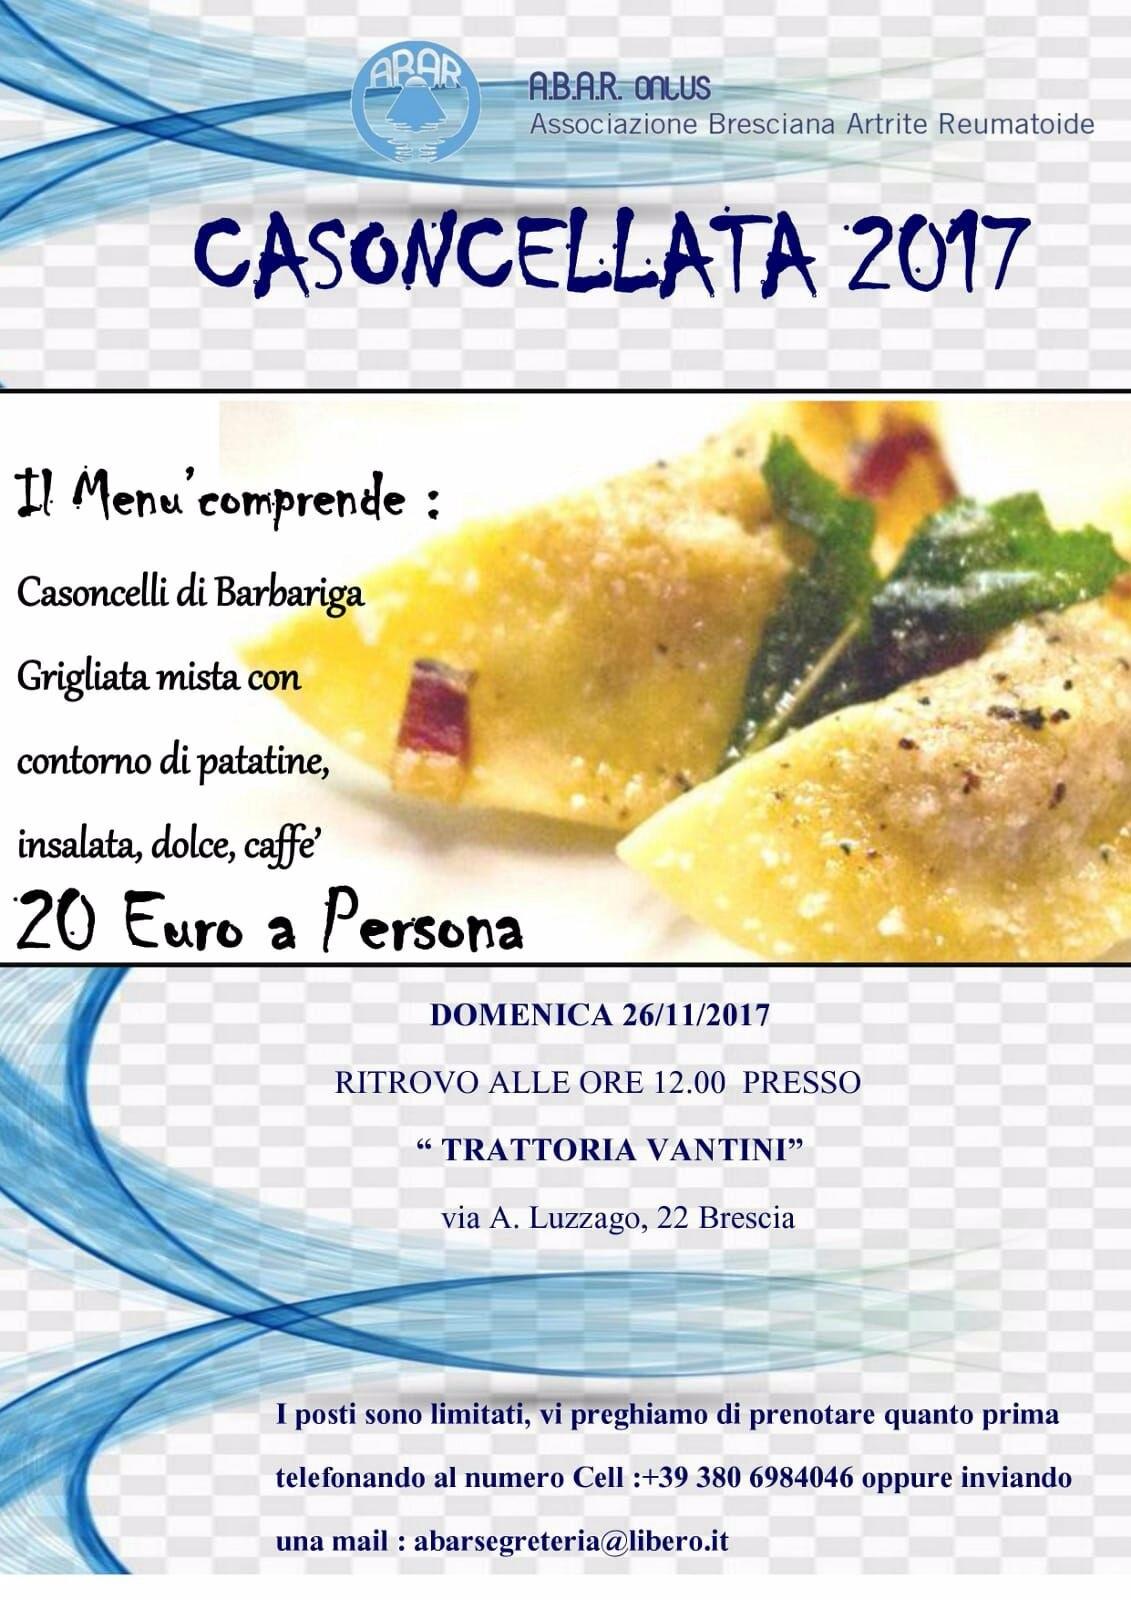 CASONCELLATA 2017